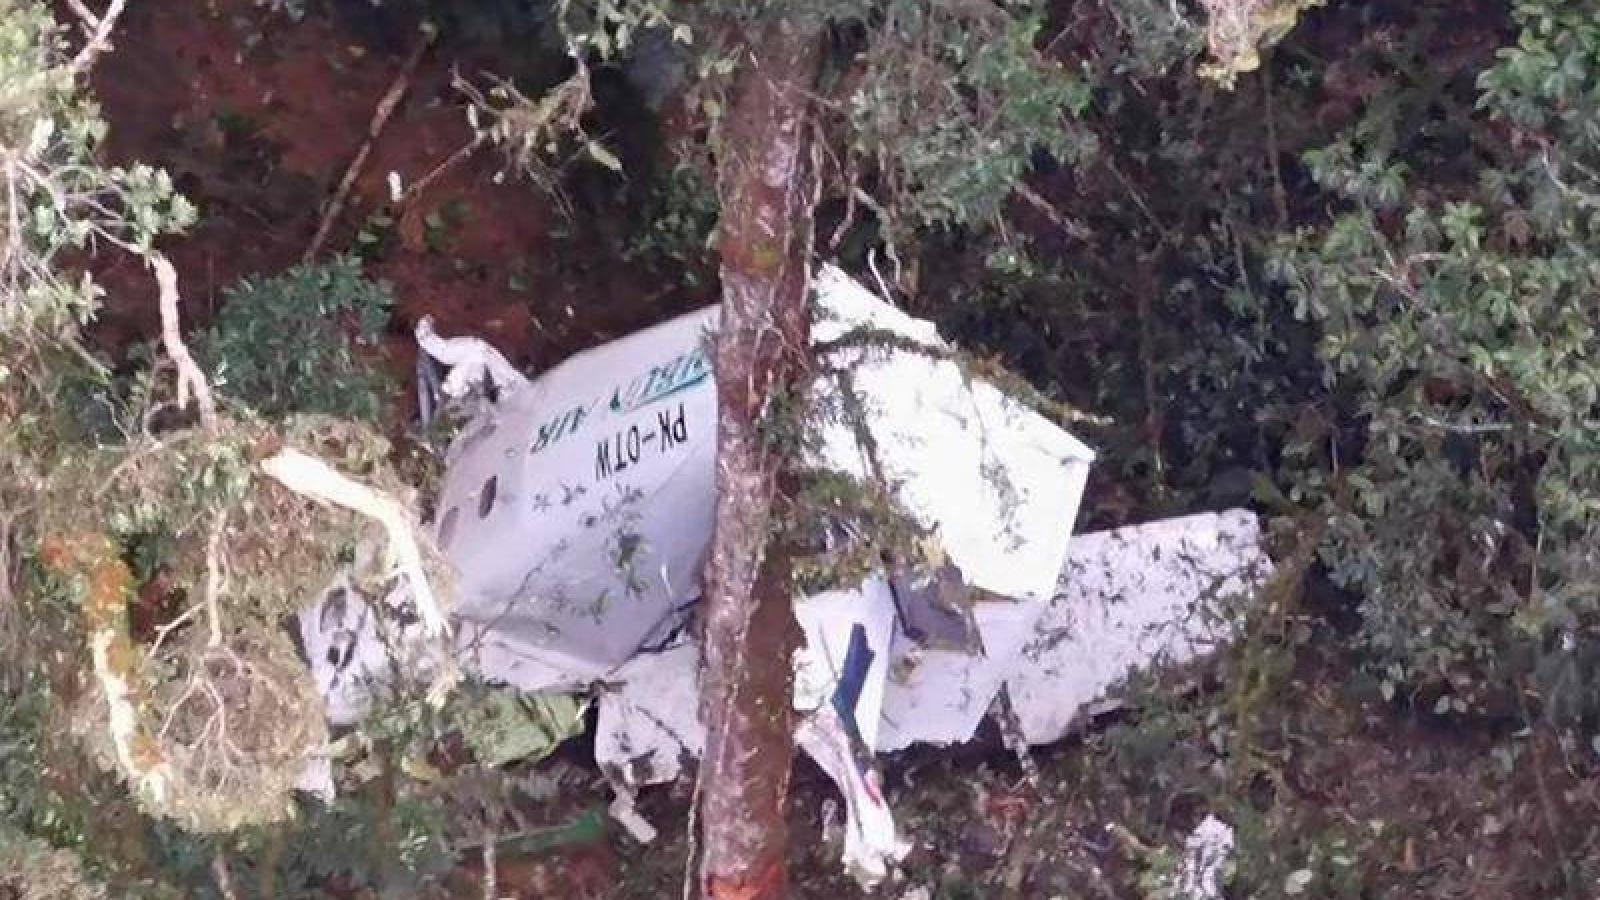 Máy bay chở hàng rơi, phi hành đoàn mất tích ở Indonesia